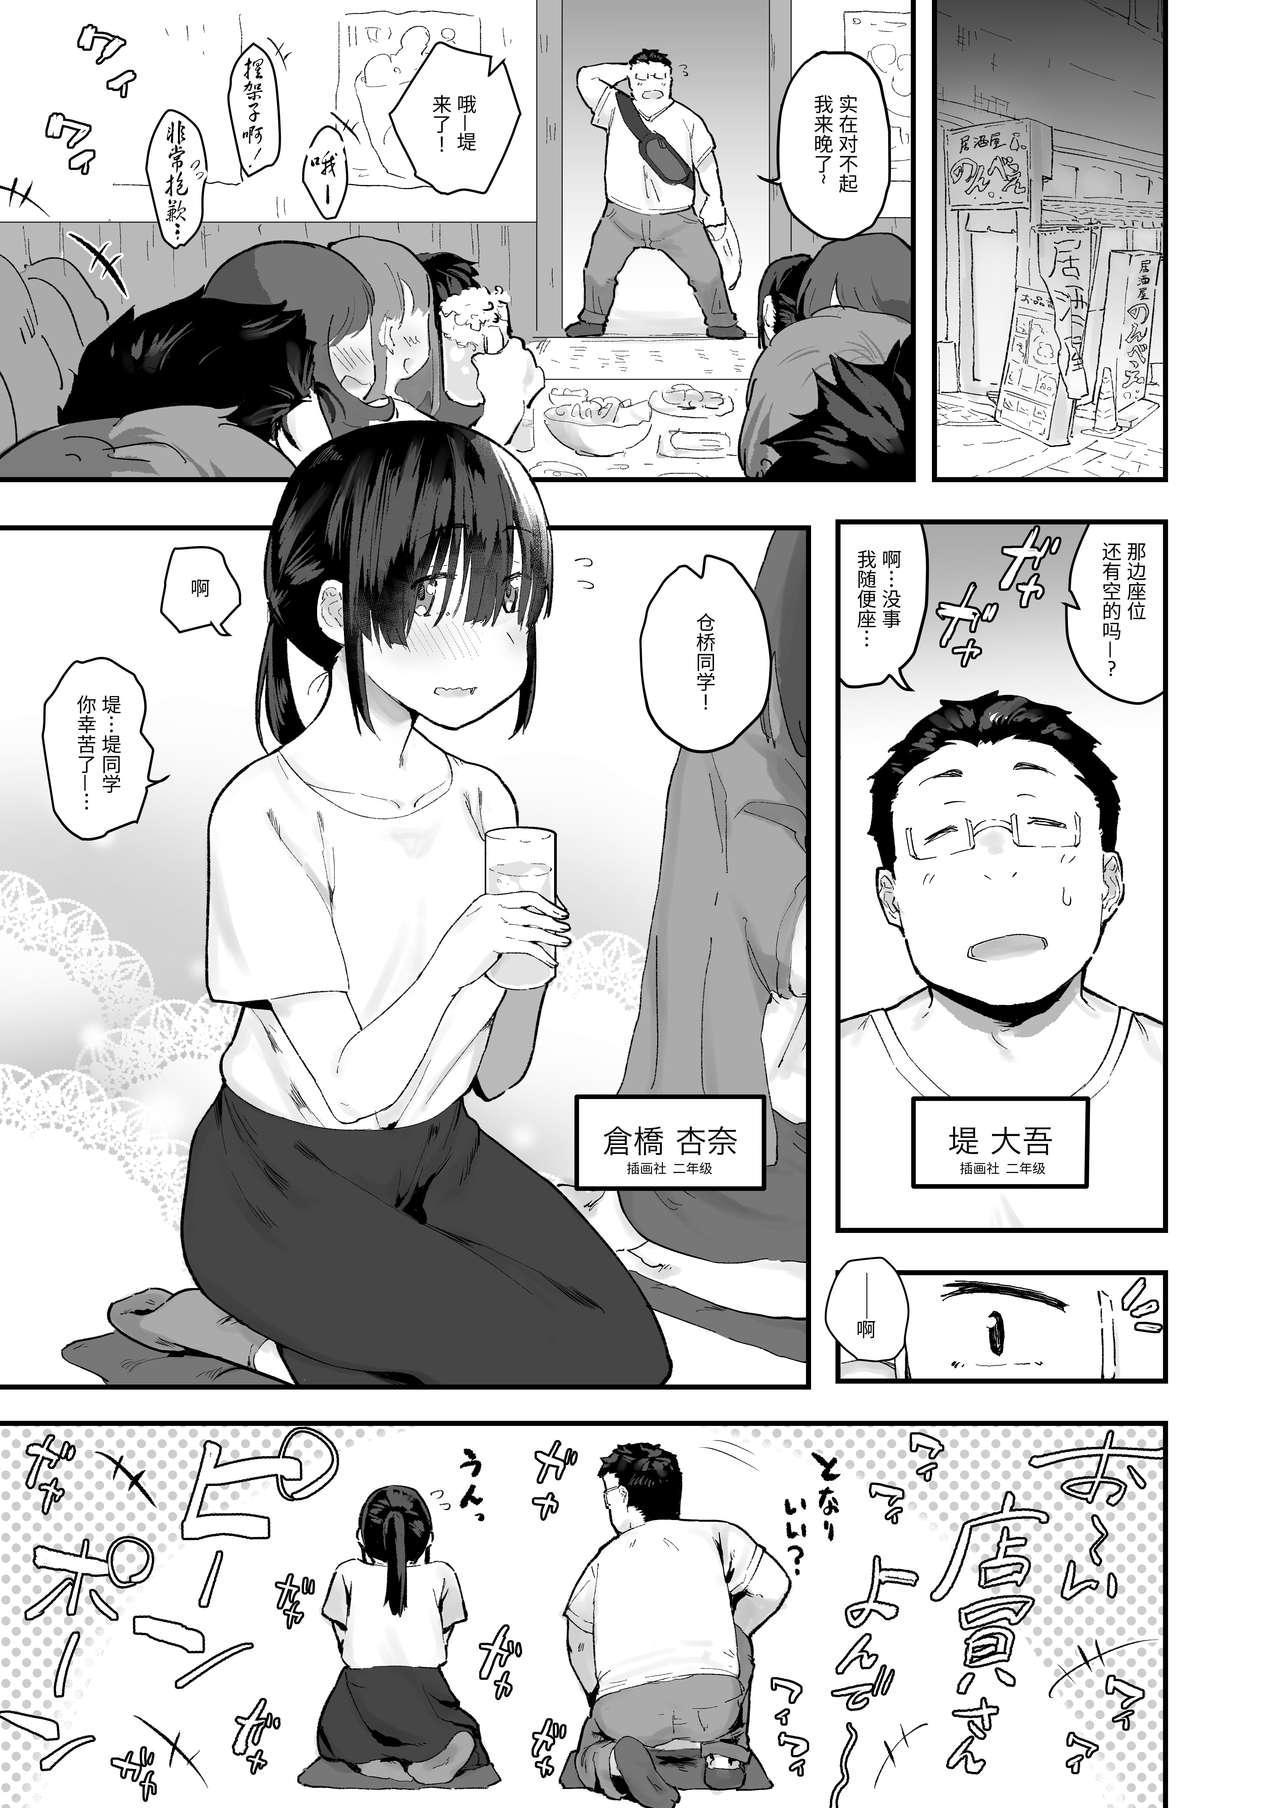 Chinkasu de kimaru Onna-tachi Comic Anthology 9